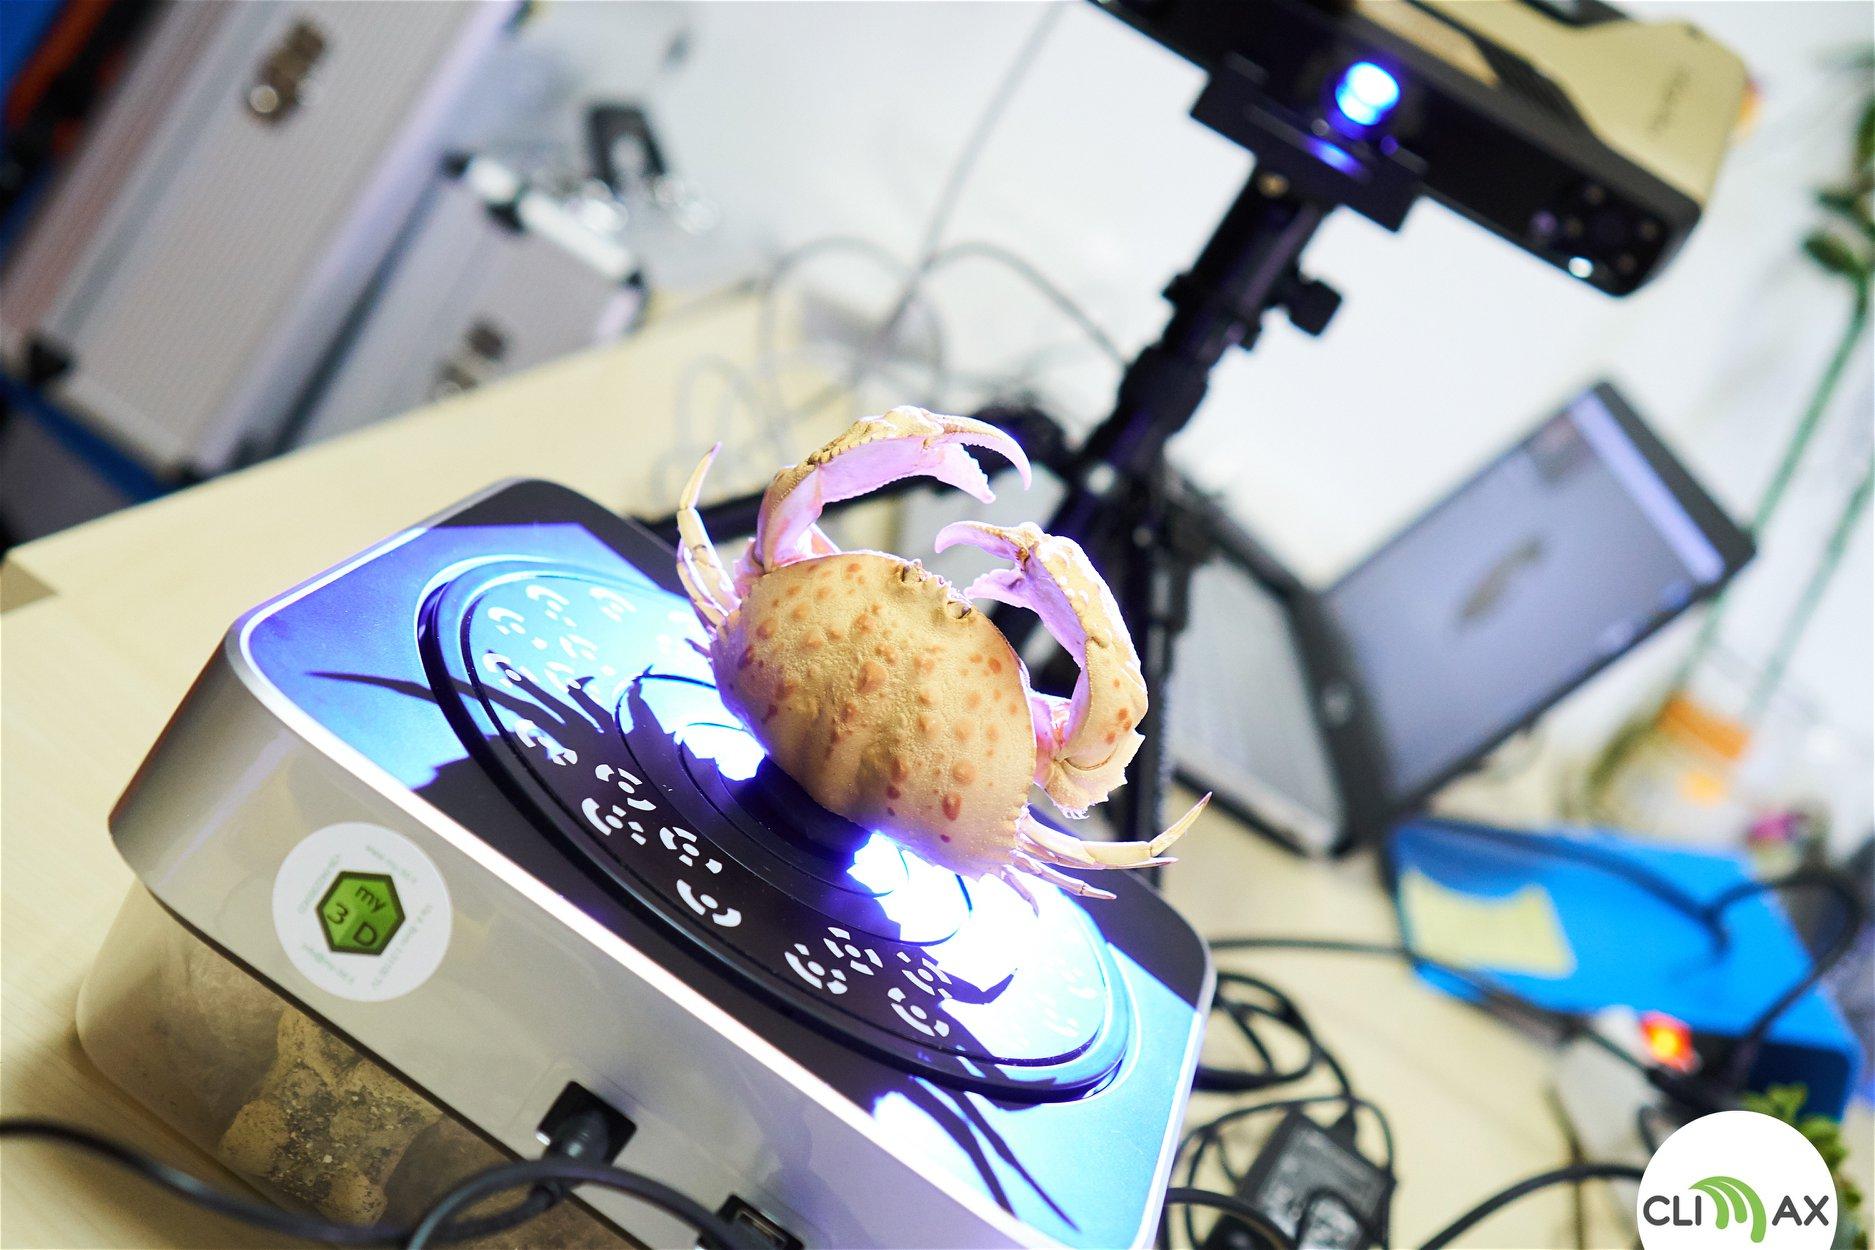 Máy quét 3D Einscan Pro Plus với các chức năng quét: